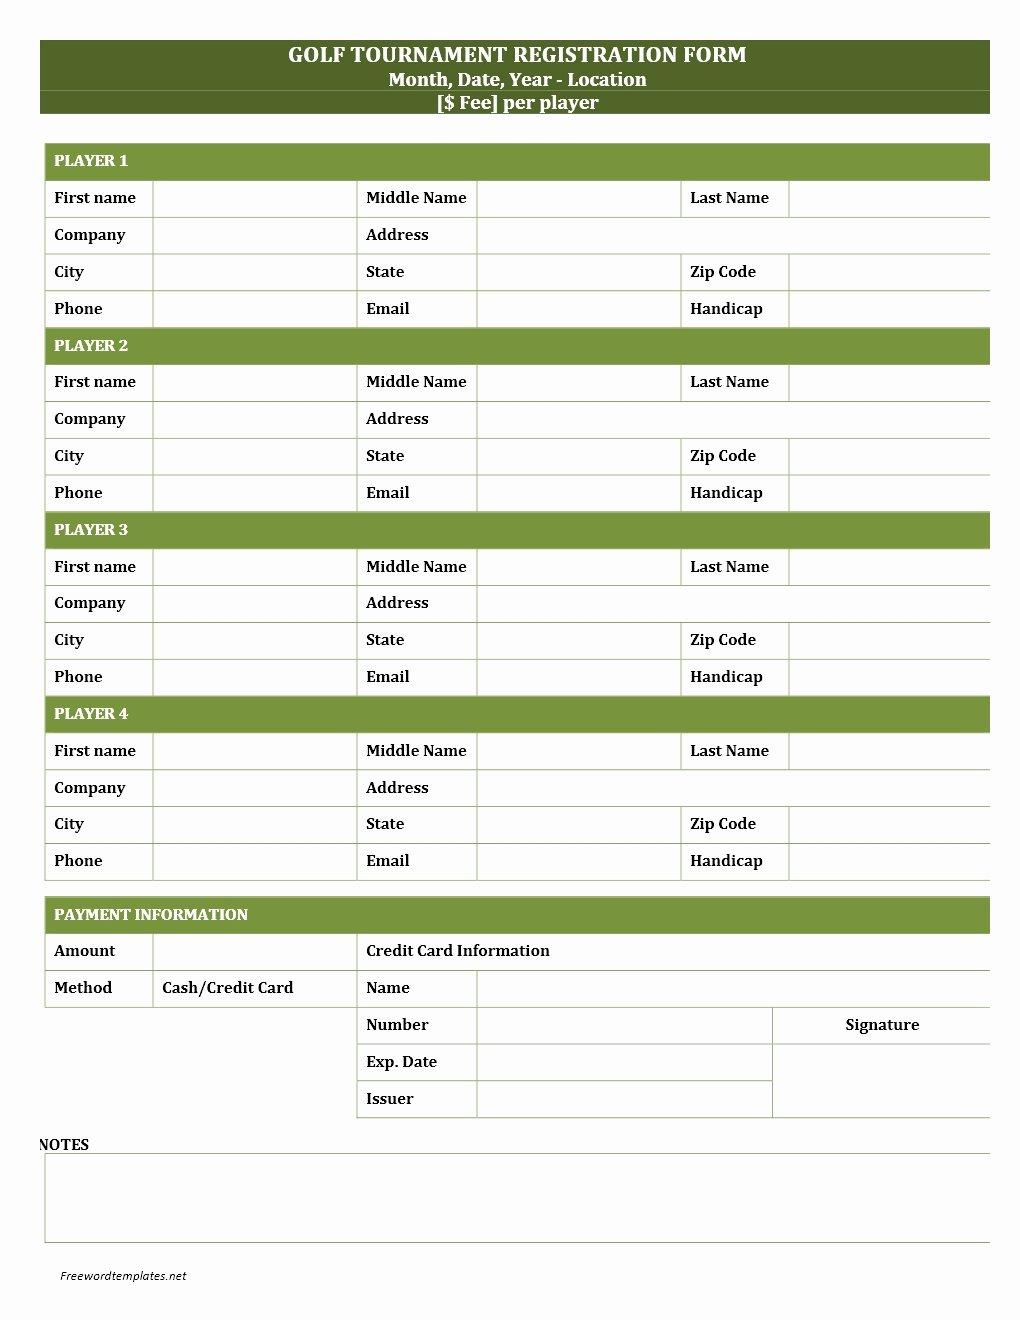 Registration forms Template Word Elegant Golf tournament Registration form